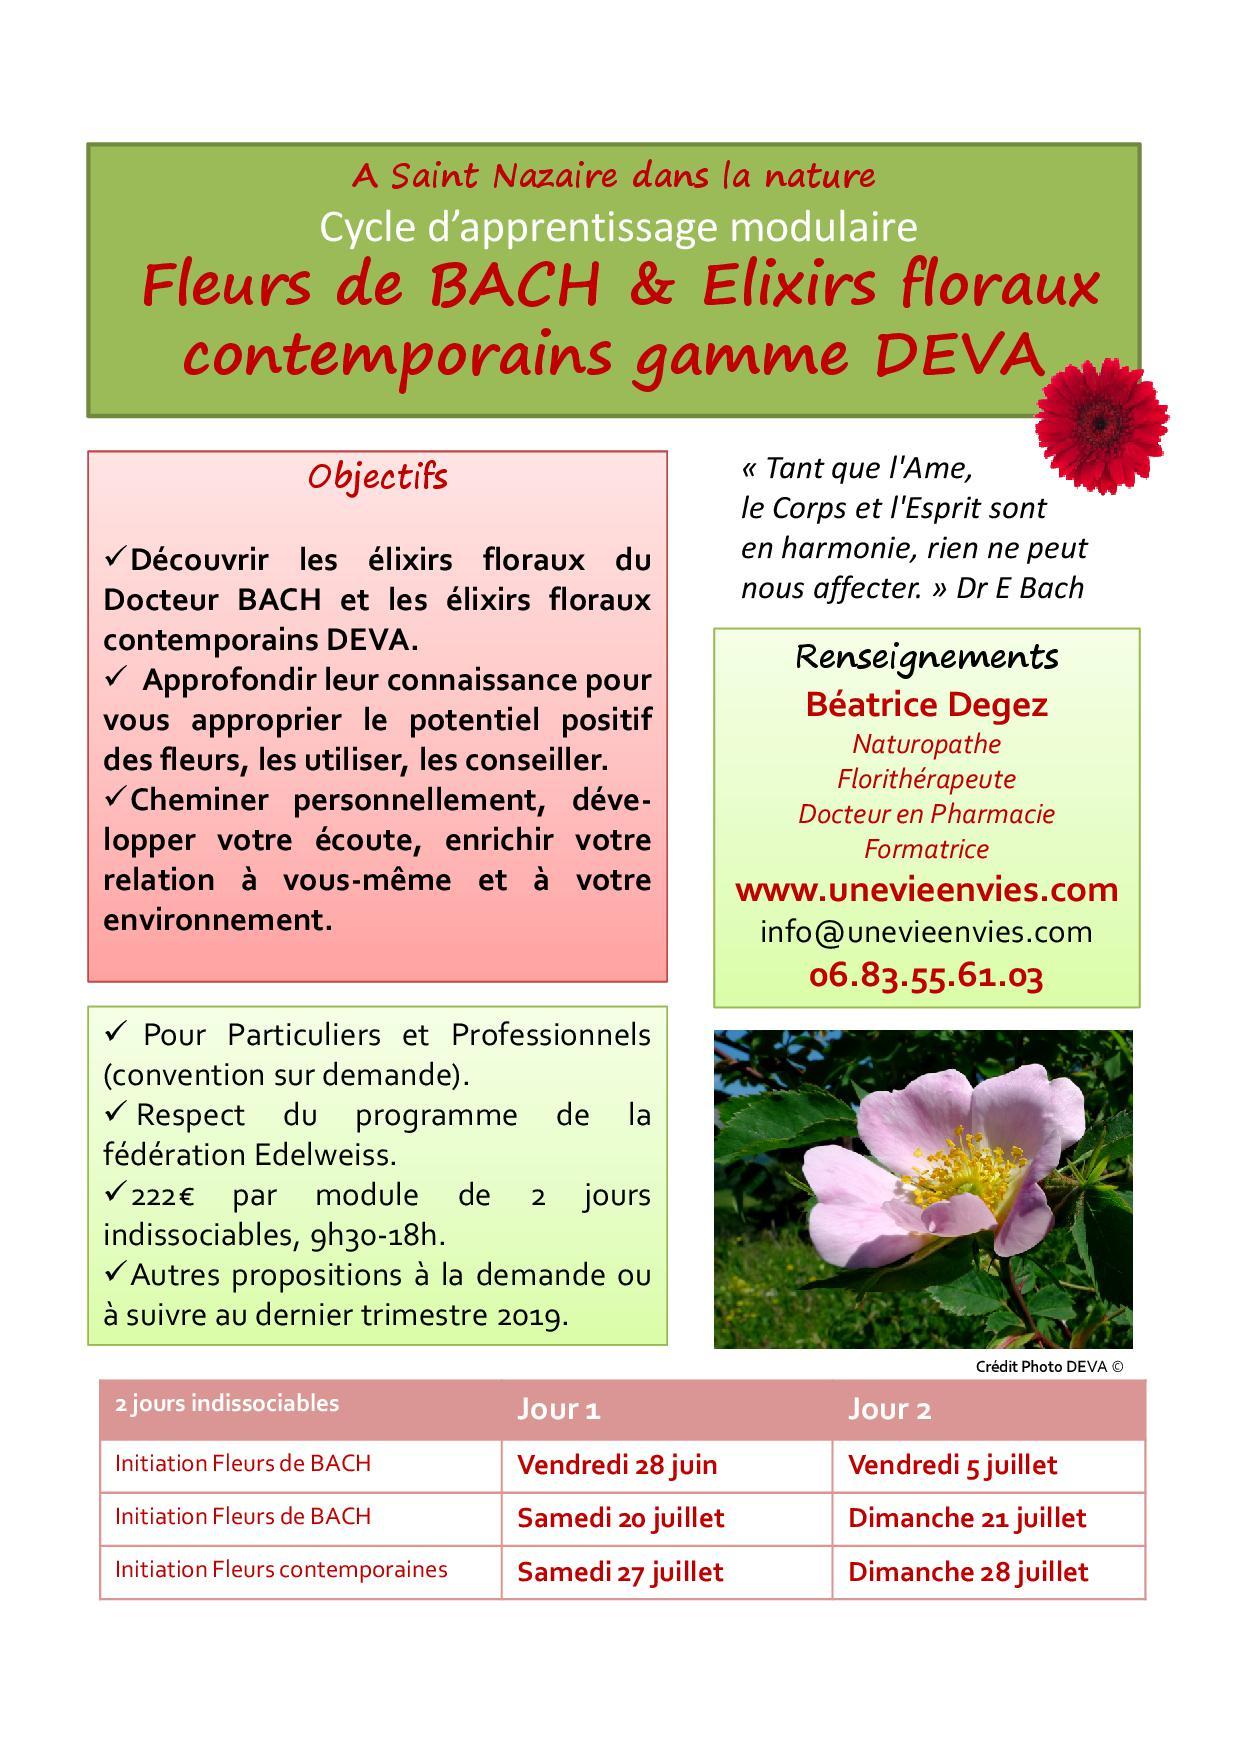 Affiche e floraux stnazaire 2019 semestre 2